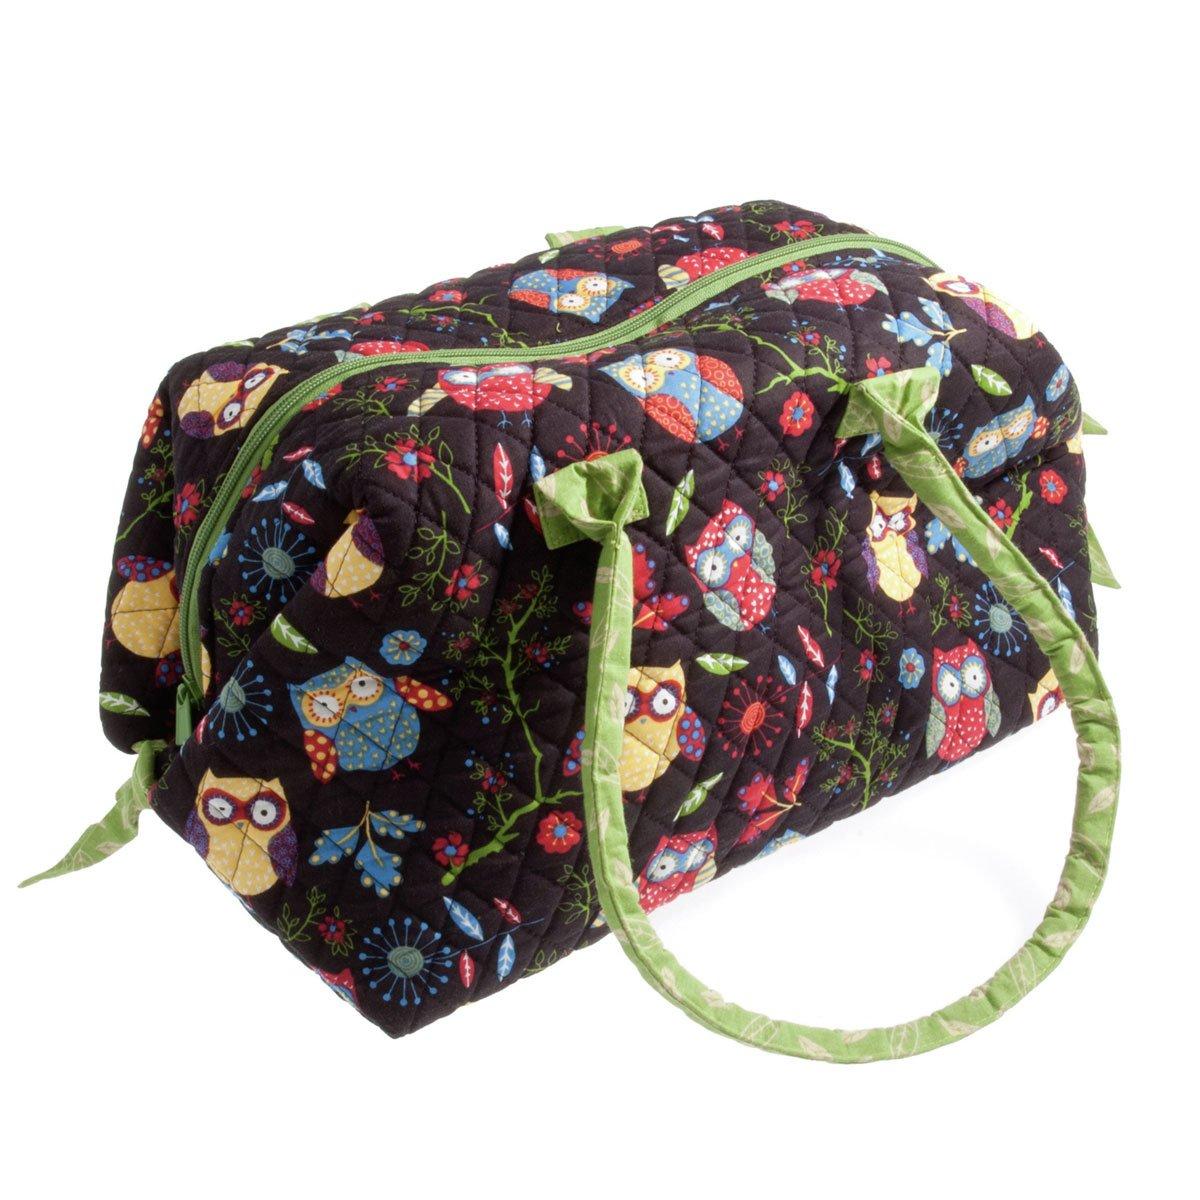 SewEasy MR4745. RRBK | Trapuntato borsa di lavoro a maglia | Desegno: Gufi sul nero | Dimensioni: 55 x 40 x 20 cm Groves